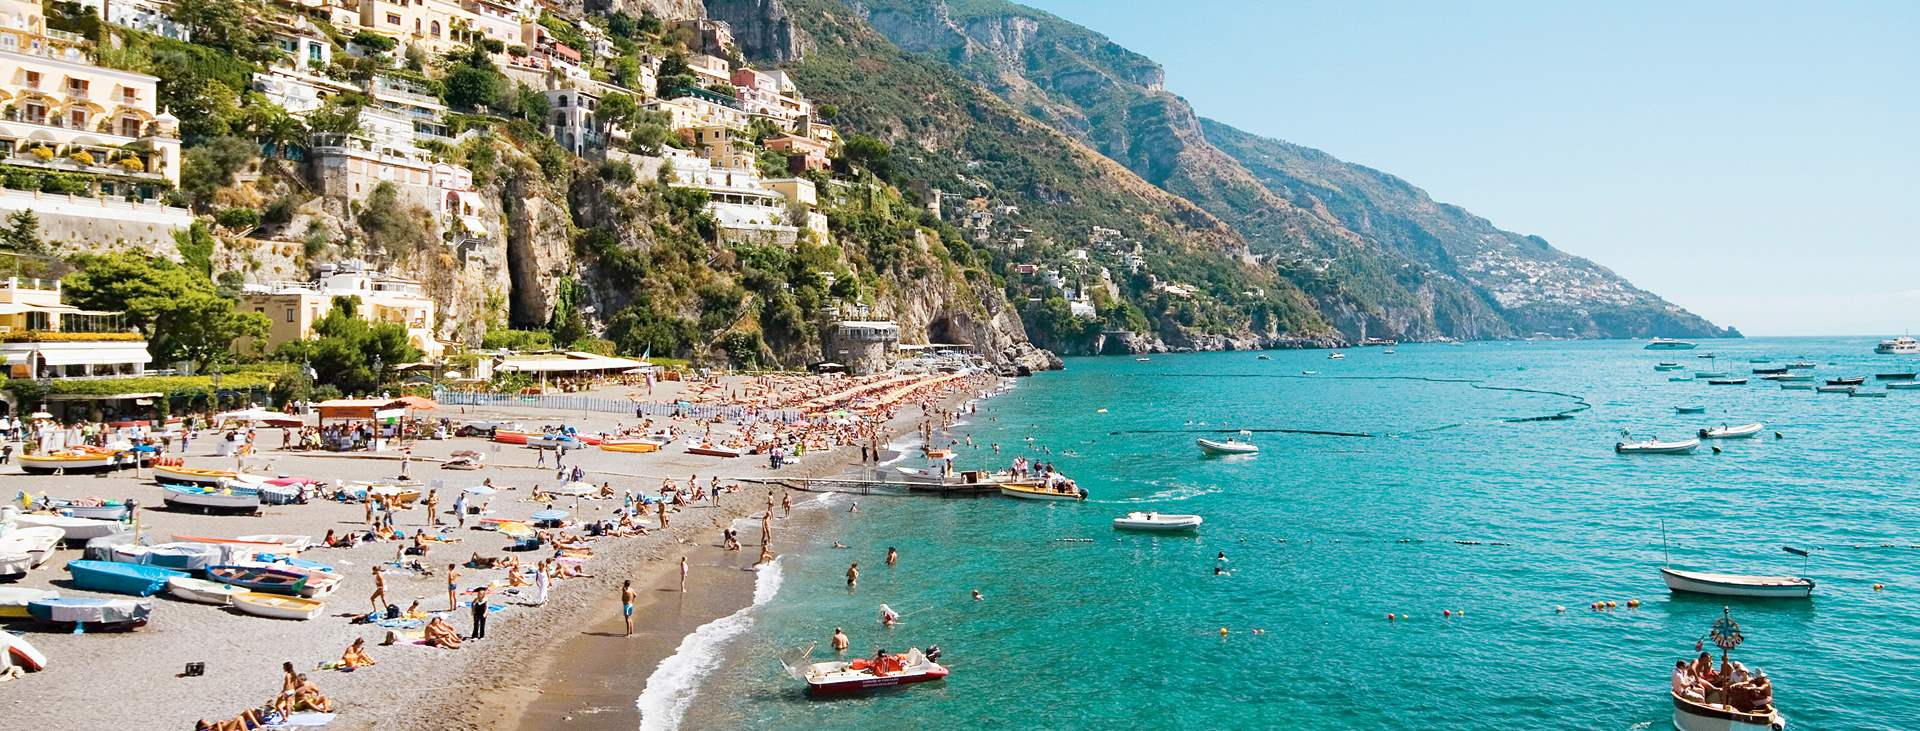 Resor Till Positano Italien Ving